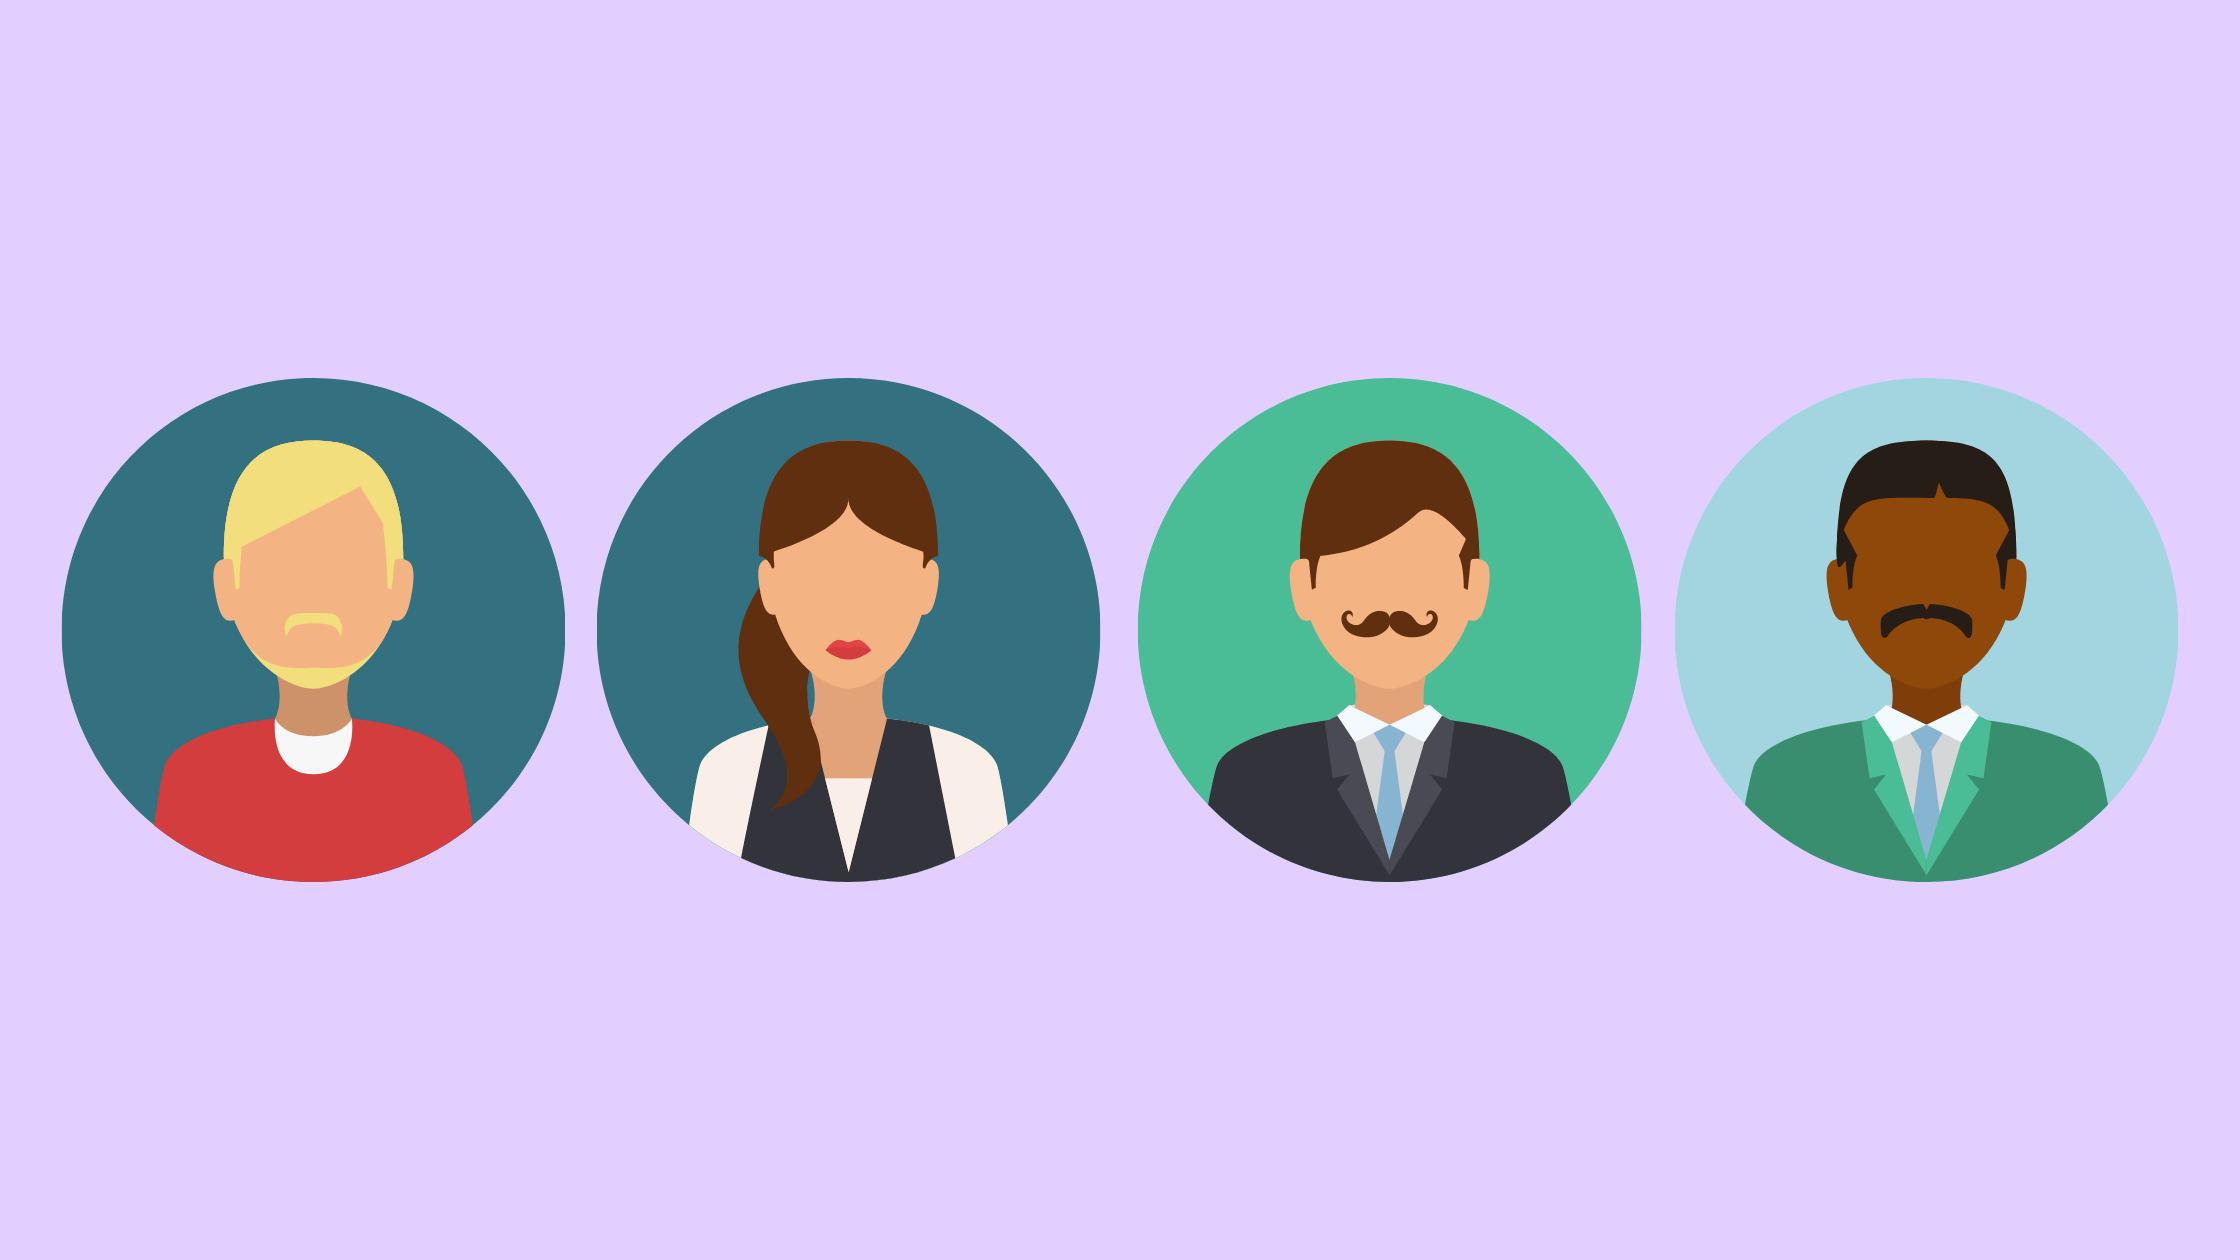 El desarrollo de clientes o customer development te ayuda a identificar modelos de negocio rentables y escalables